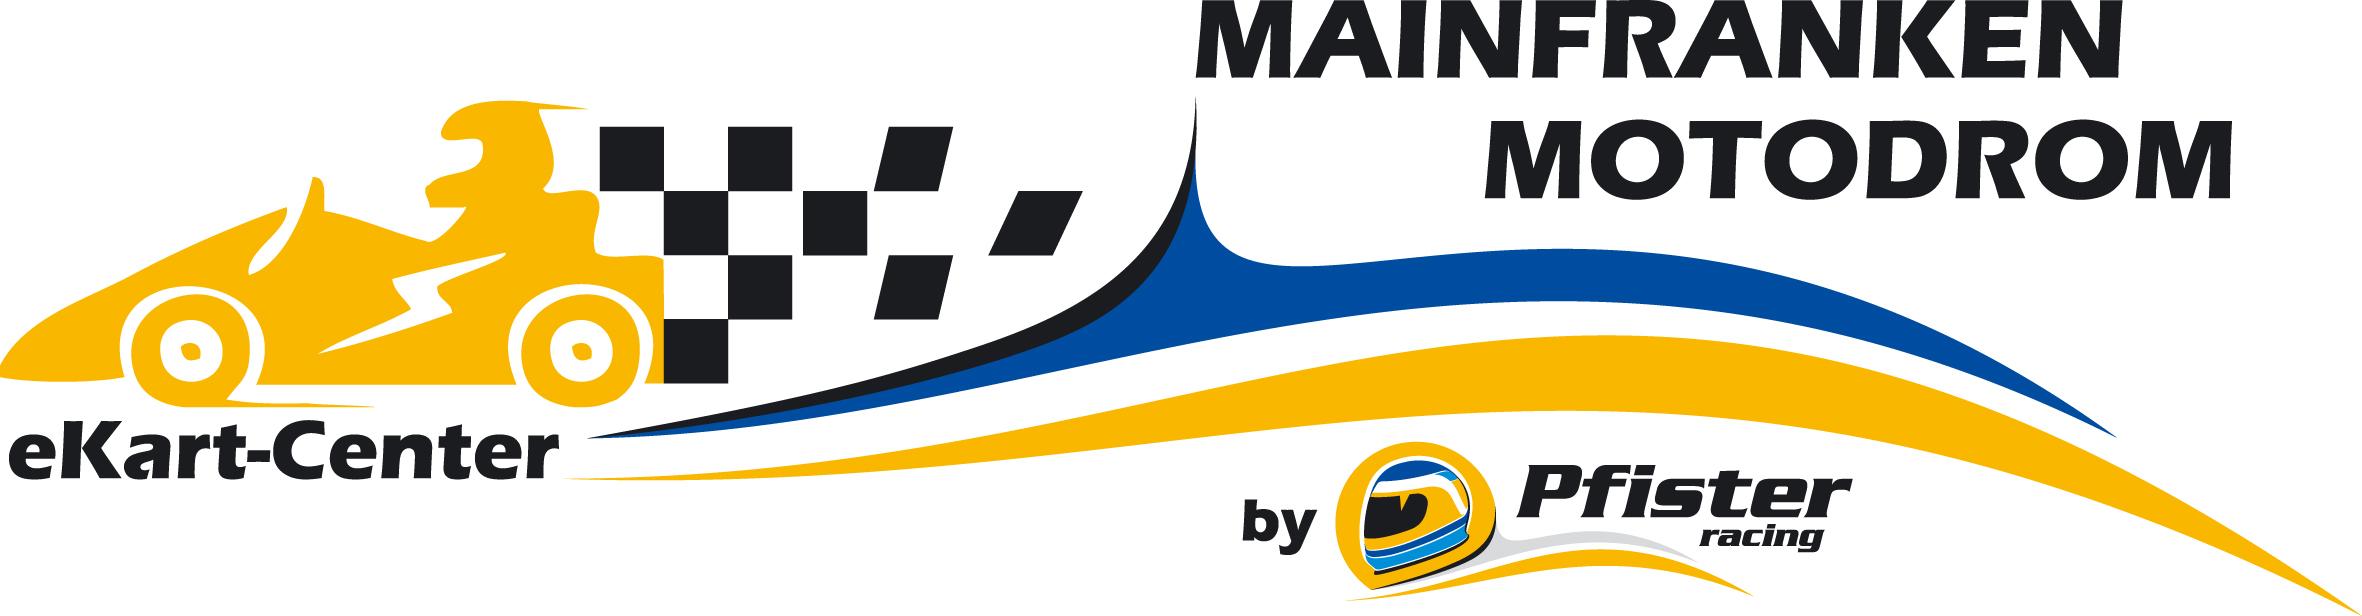 Mainfranken Motodrom Logo